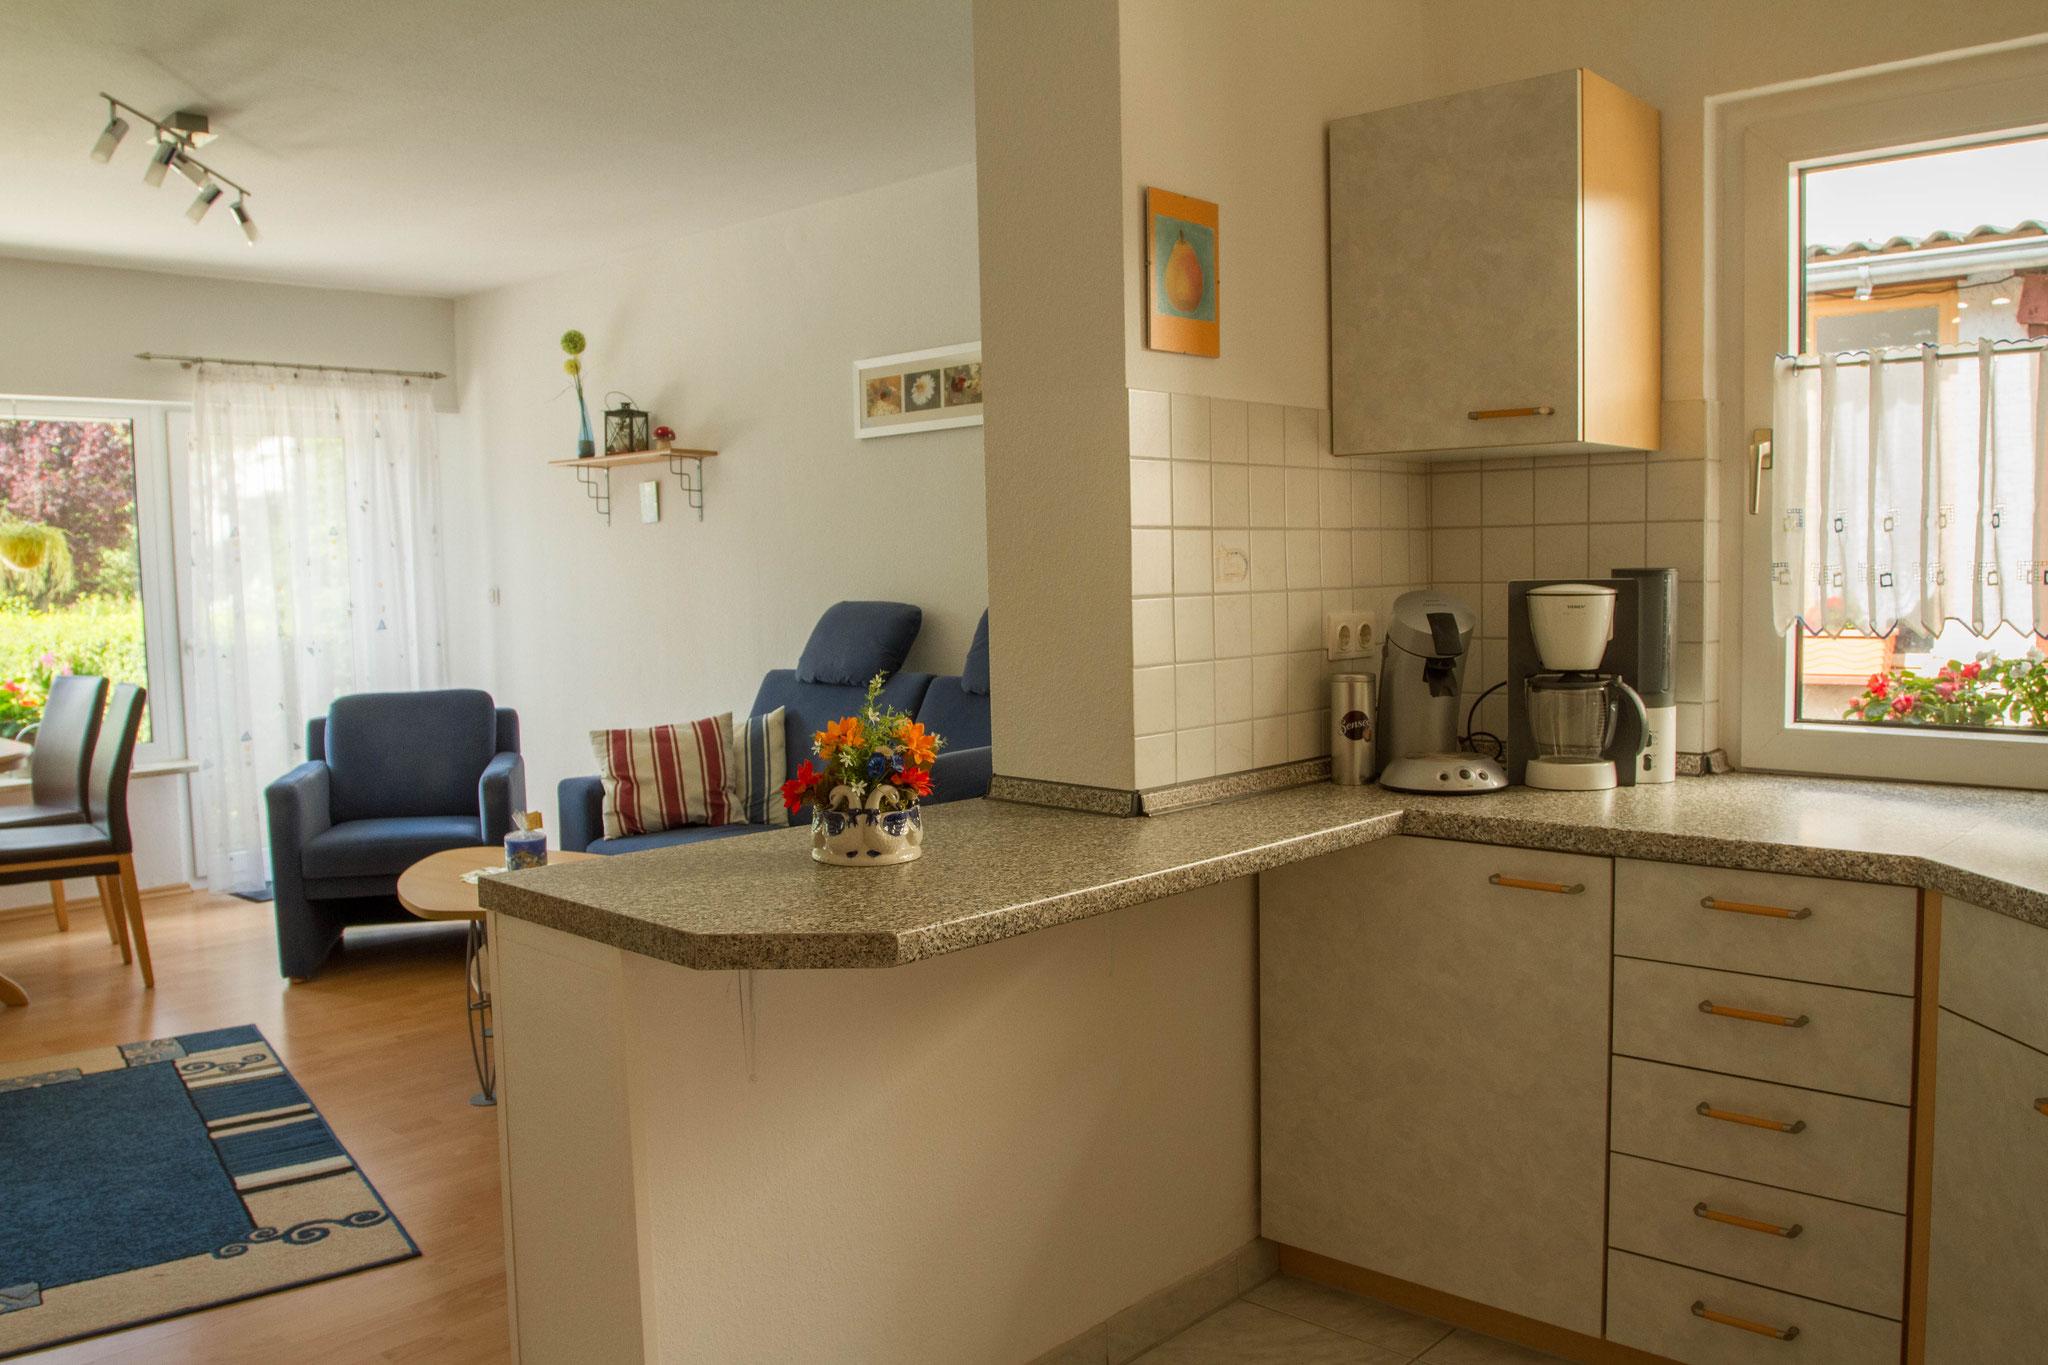 Moderne offene Küche mit geräumiger Arbeitsfläche...